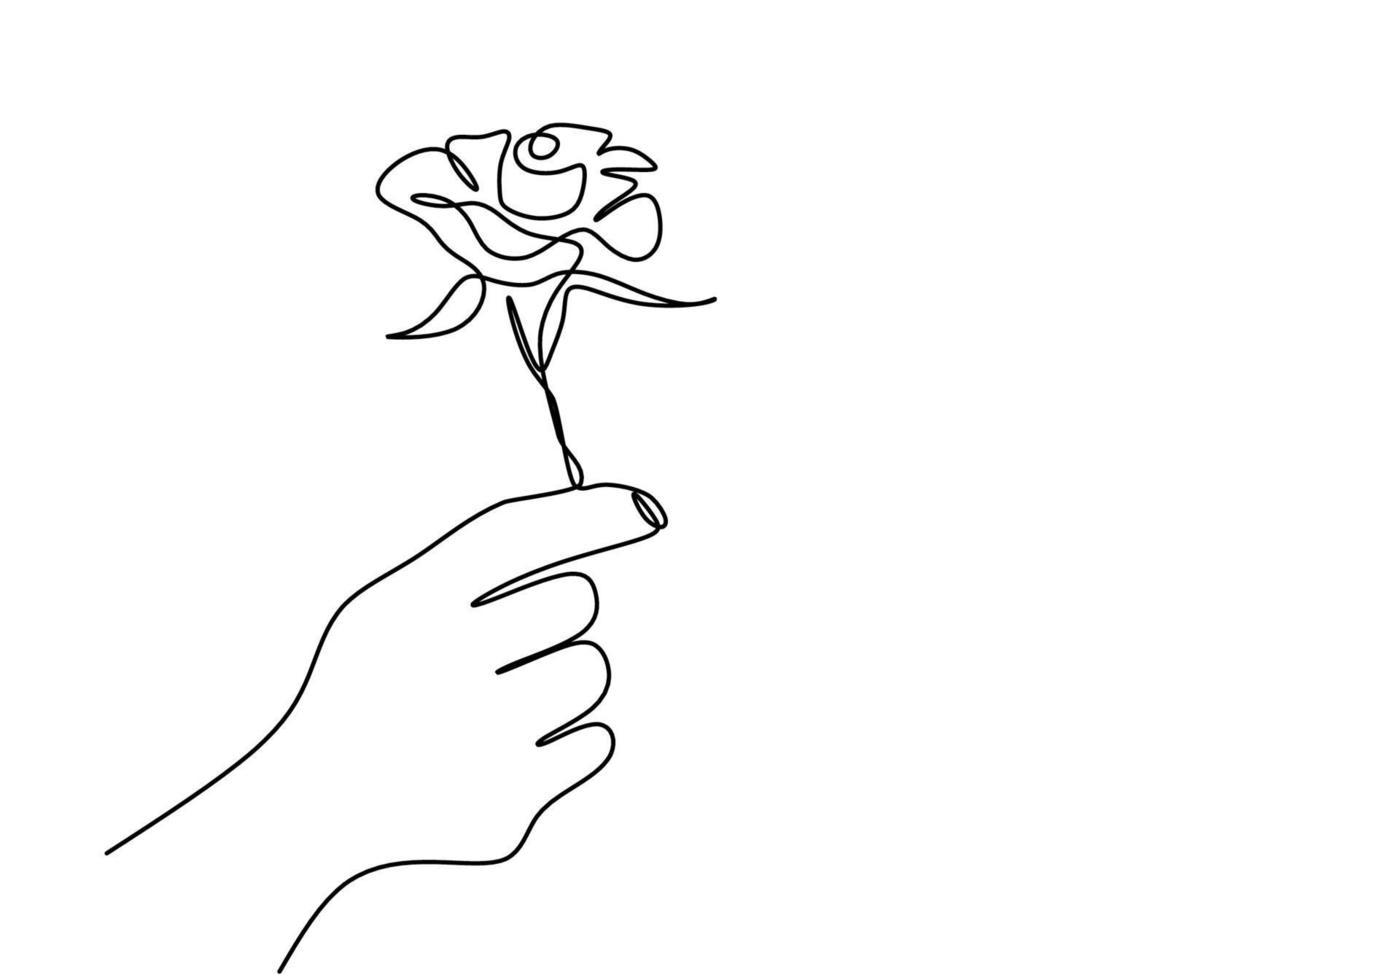 doorlopende lijntekening van een hand met roze bloem. hand vrouw met een bloem geïsoleerd op een witte achtergrond. geef een teken van liefde voor iemand. minimalistische stijl. vector schets illustratie